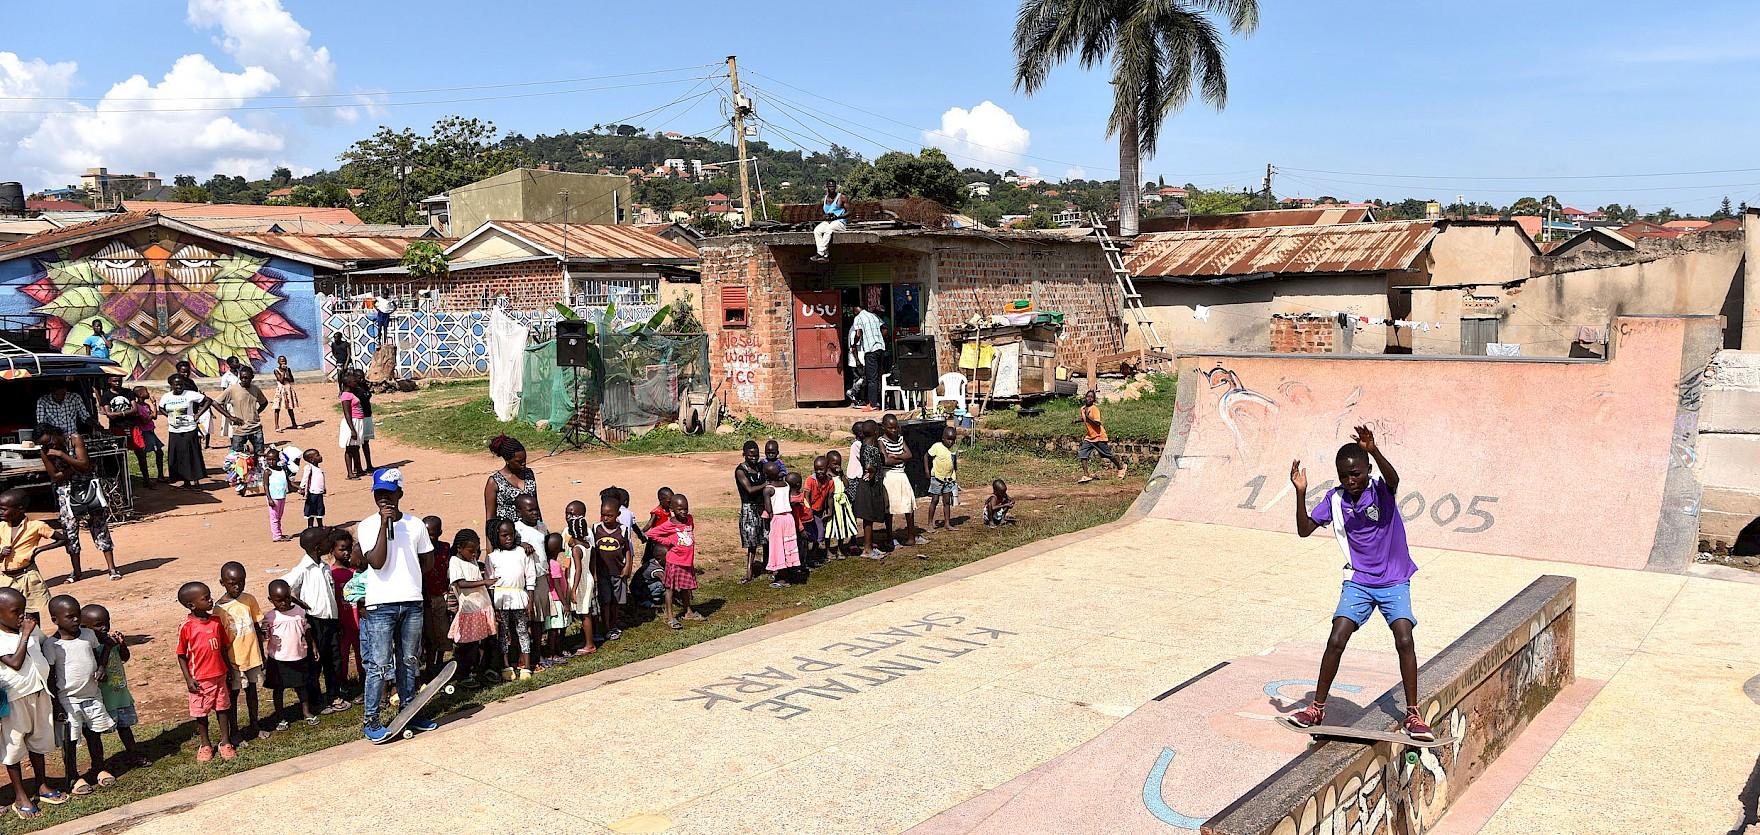 Skatepark Uganda Skatecontest Kitintale